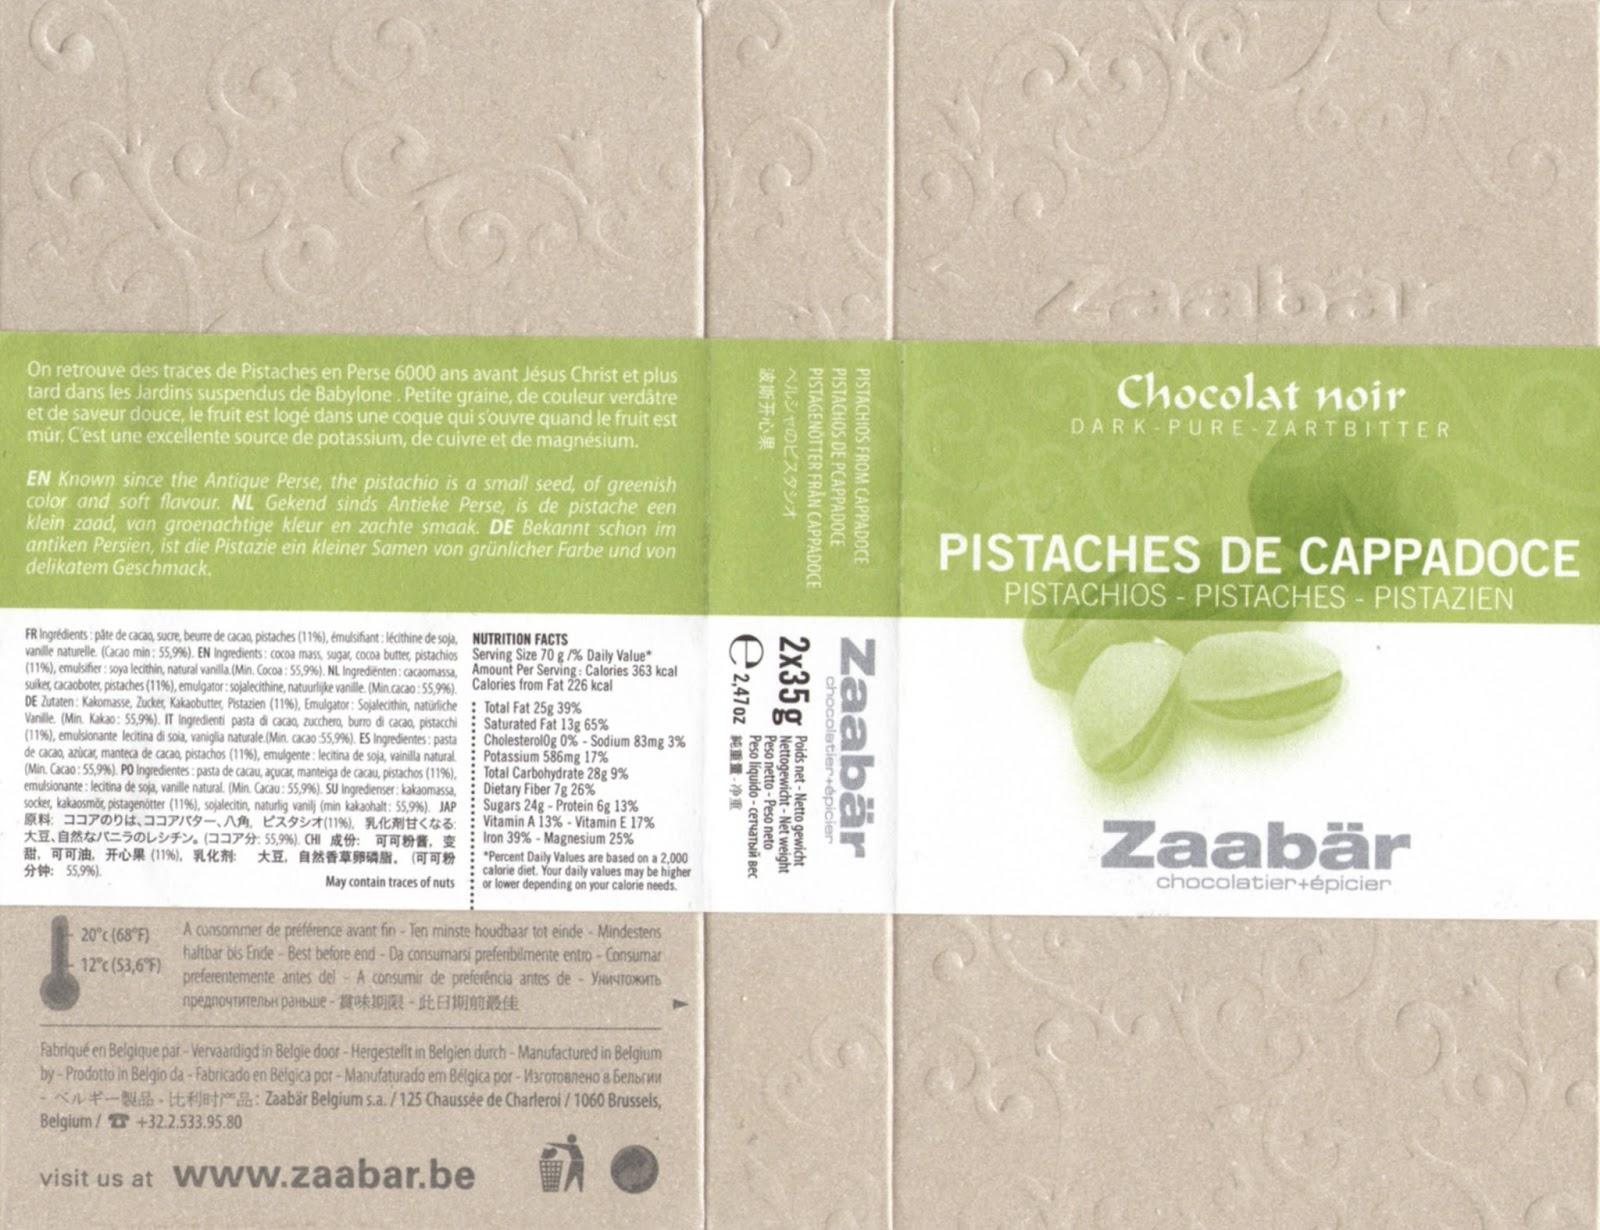 tablette de chocolat noir gourmand zaabär noir pistaches de cappadoce